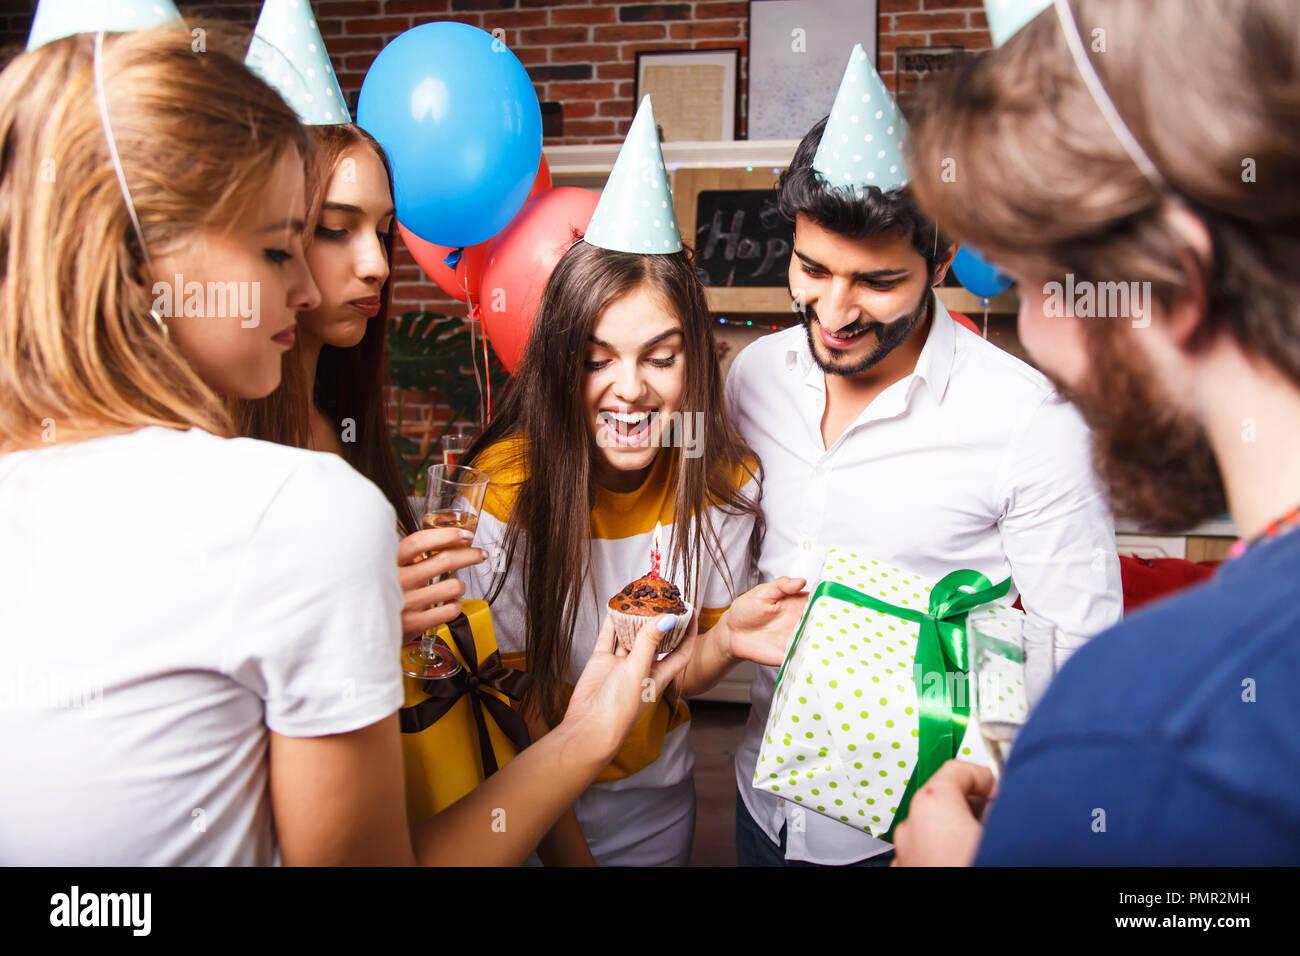 Ziemlich lange Haare brünett Geburtstag Mädchen in einer Partei hat ihren Geburtstag feiern mit den Freunden Stockbild